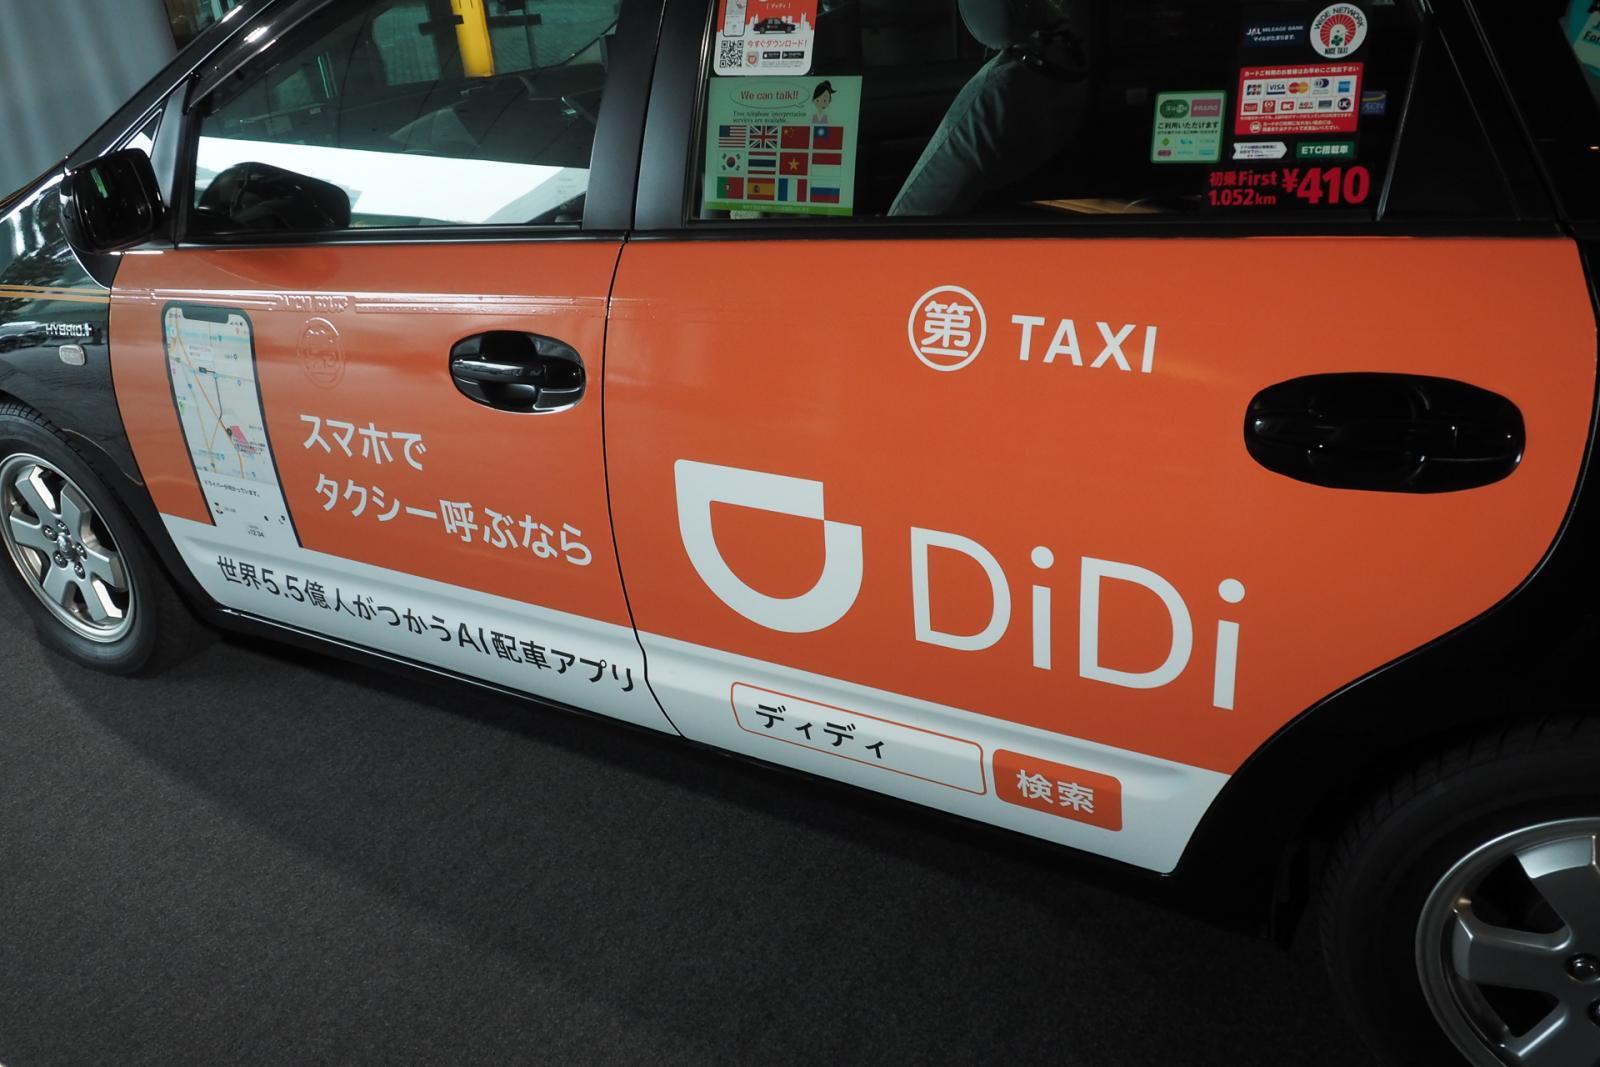 Китайский агрегатор такси DiDi с 24 ноября будет запущен в 15 городах России